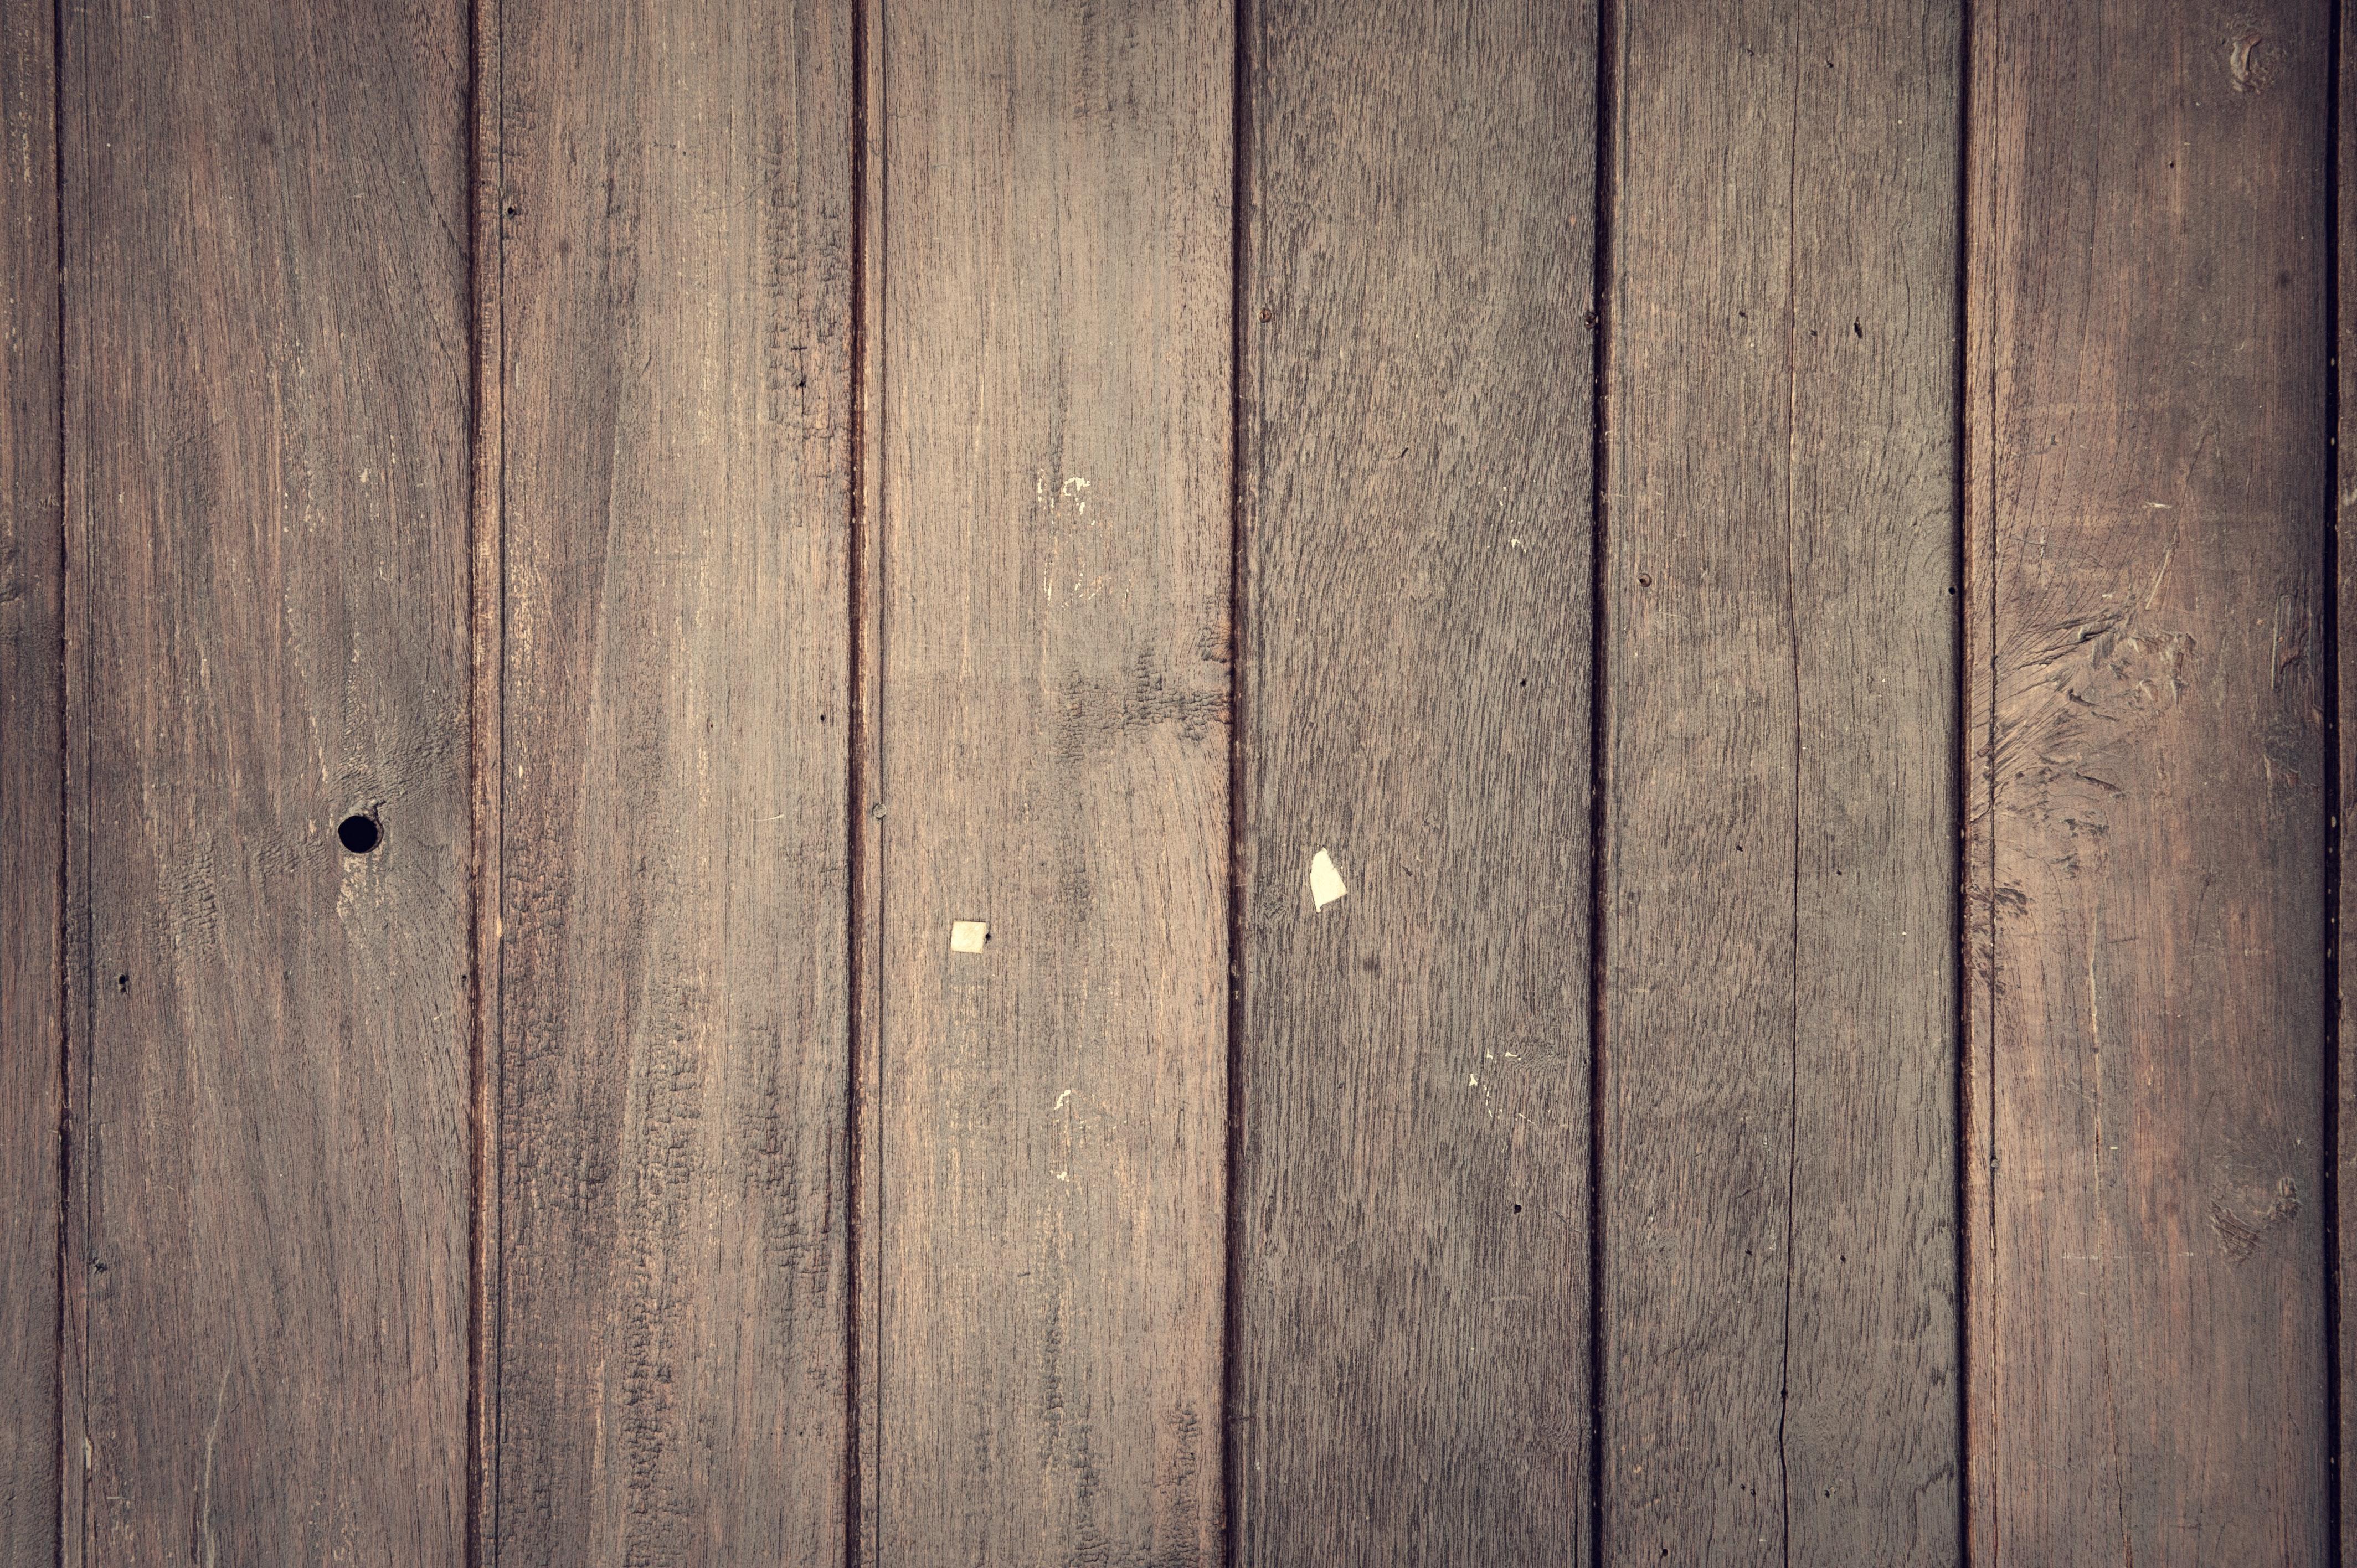 Free stock photo of brown hardwood lumber